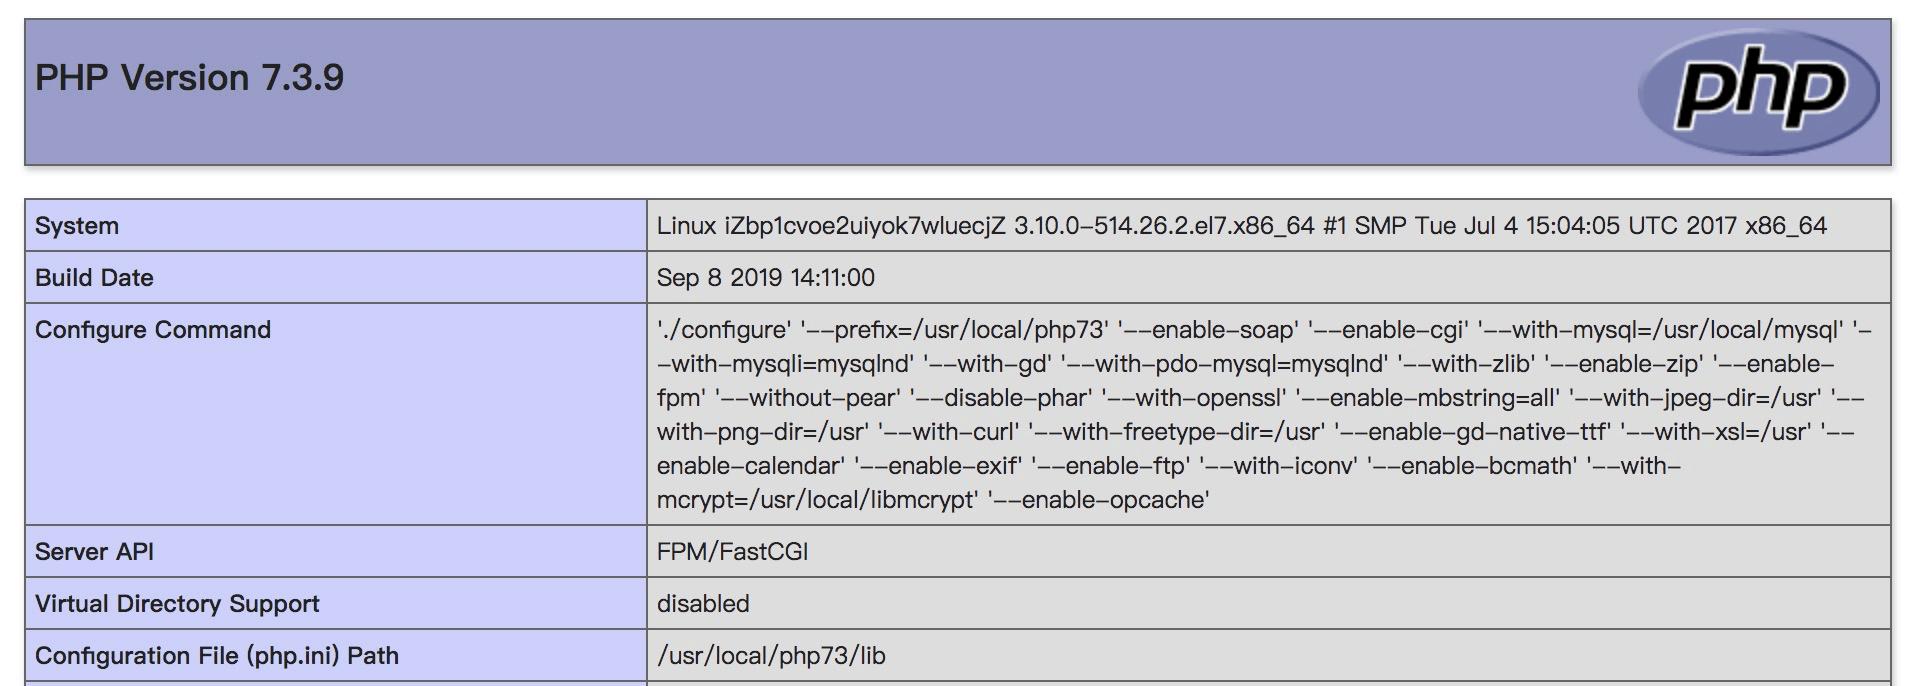 阿里云轻量应用服务器wordpress升级php版本